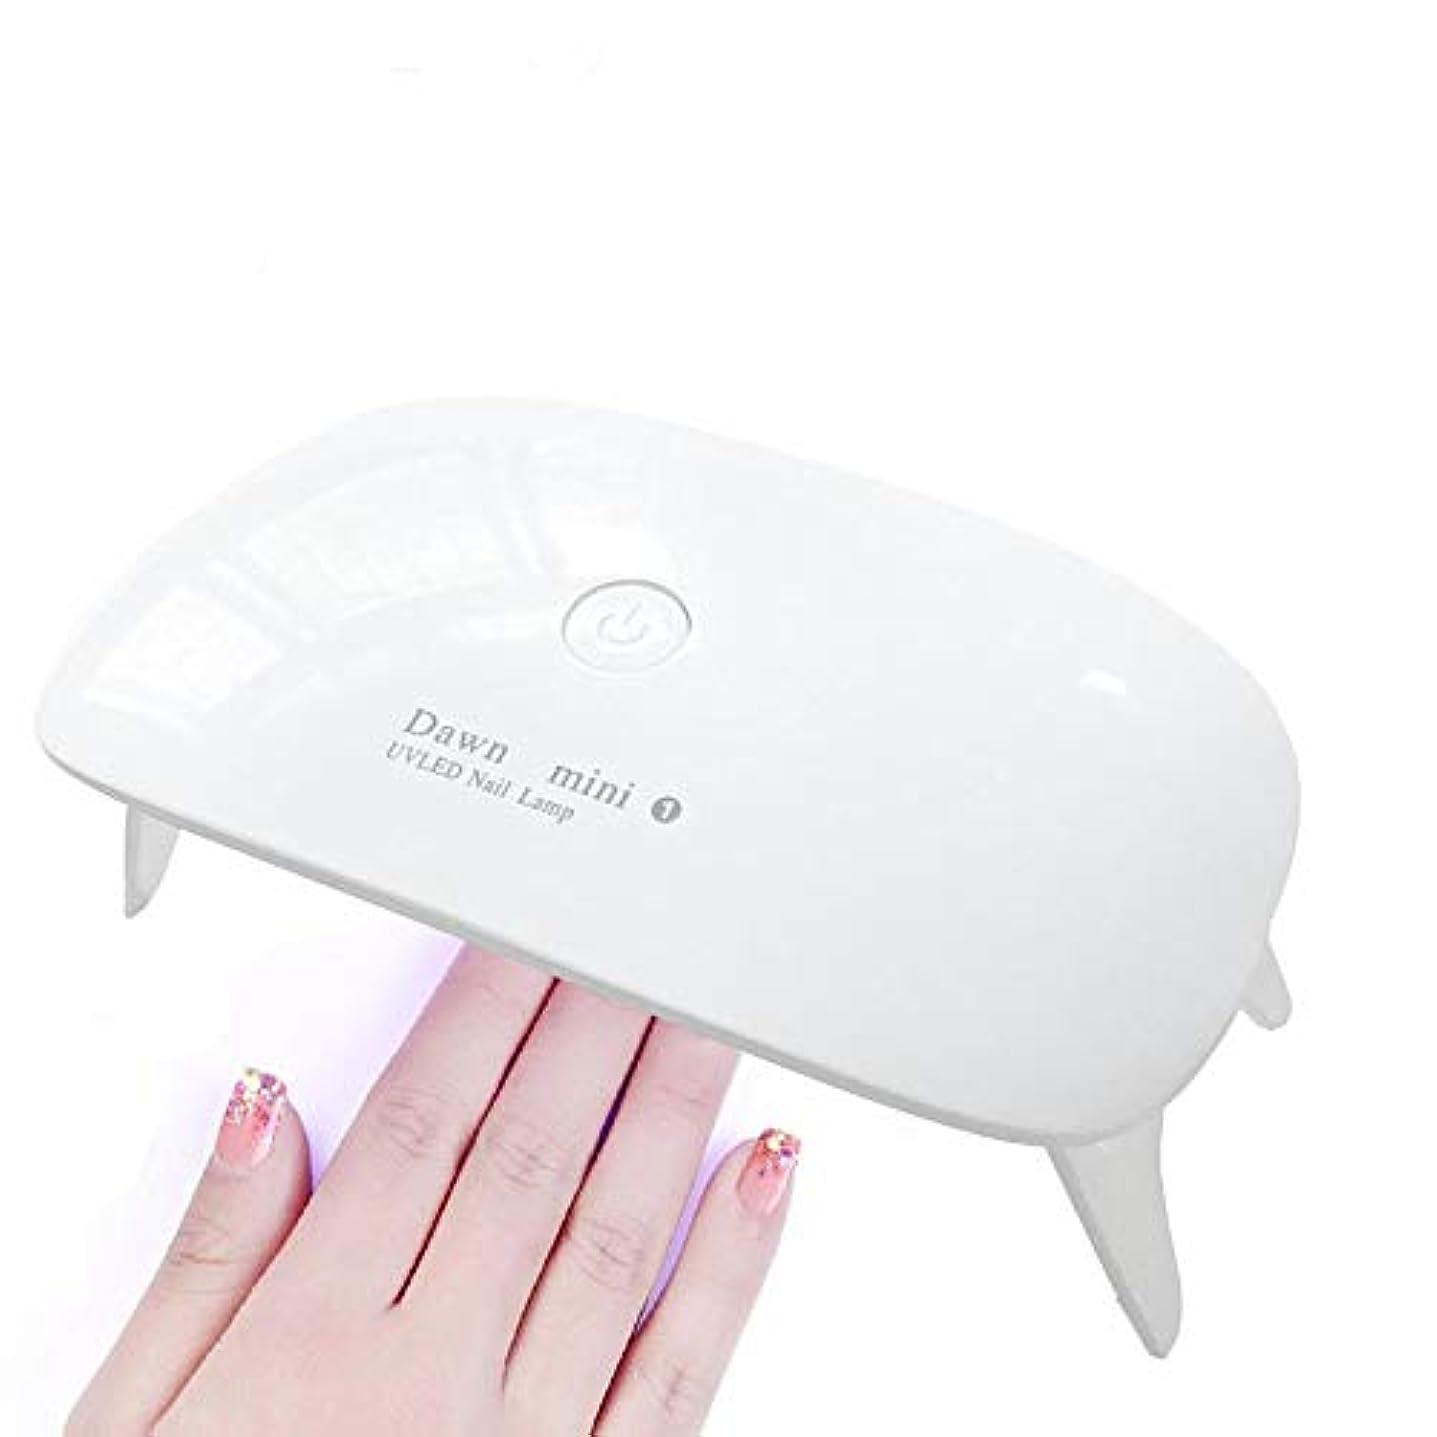 に頼るビタミン地区LEDネイルドライヤー UVライト レジン用 硬化ライト タイマー設定可能 折りたたみ式手足とも使える UV と LEDダブルライト ジェルネイル と レジンクラフト用